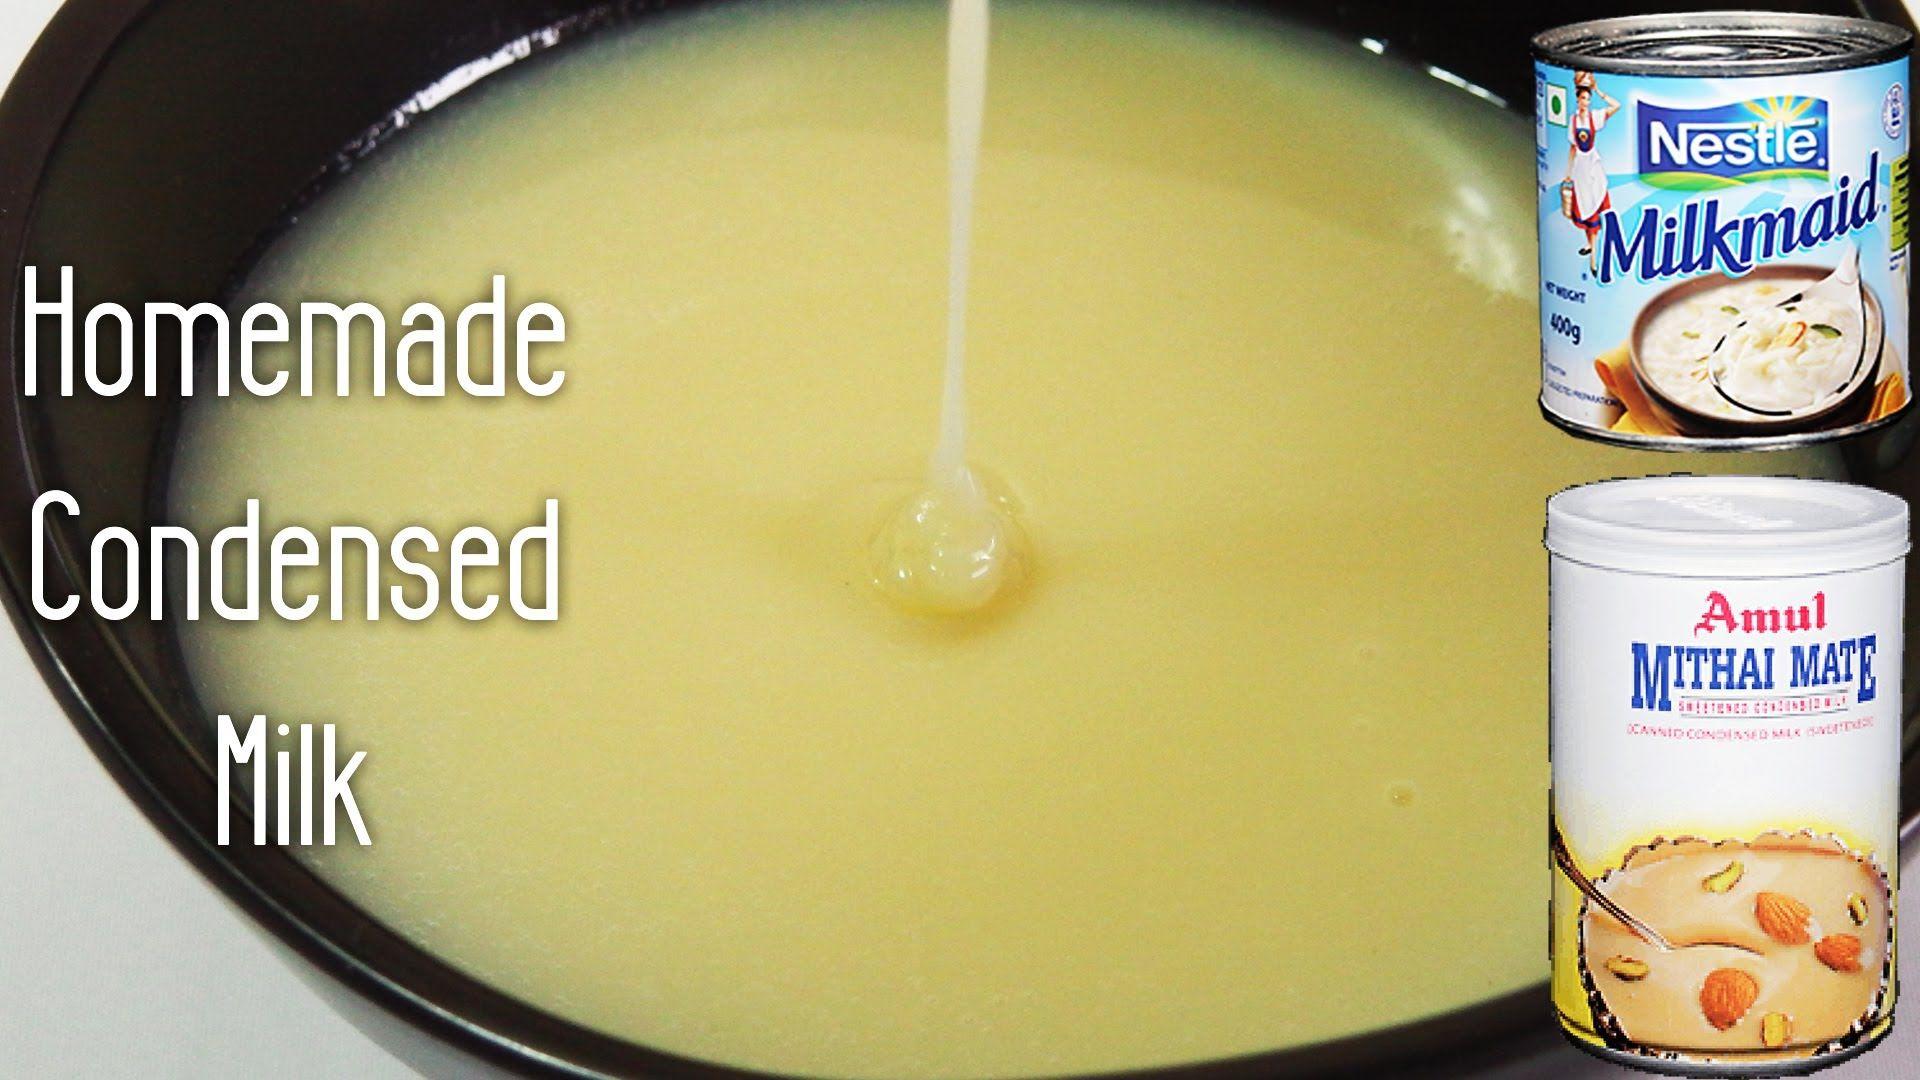 Homemade Condensed Milk Recipe Basic Recipes Made Using Milk Homemade Condensed Milk Condensed Milk Recipes Milk Recipes